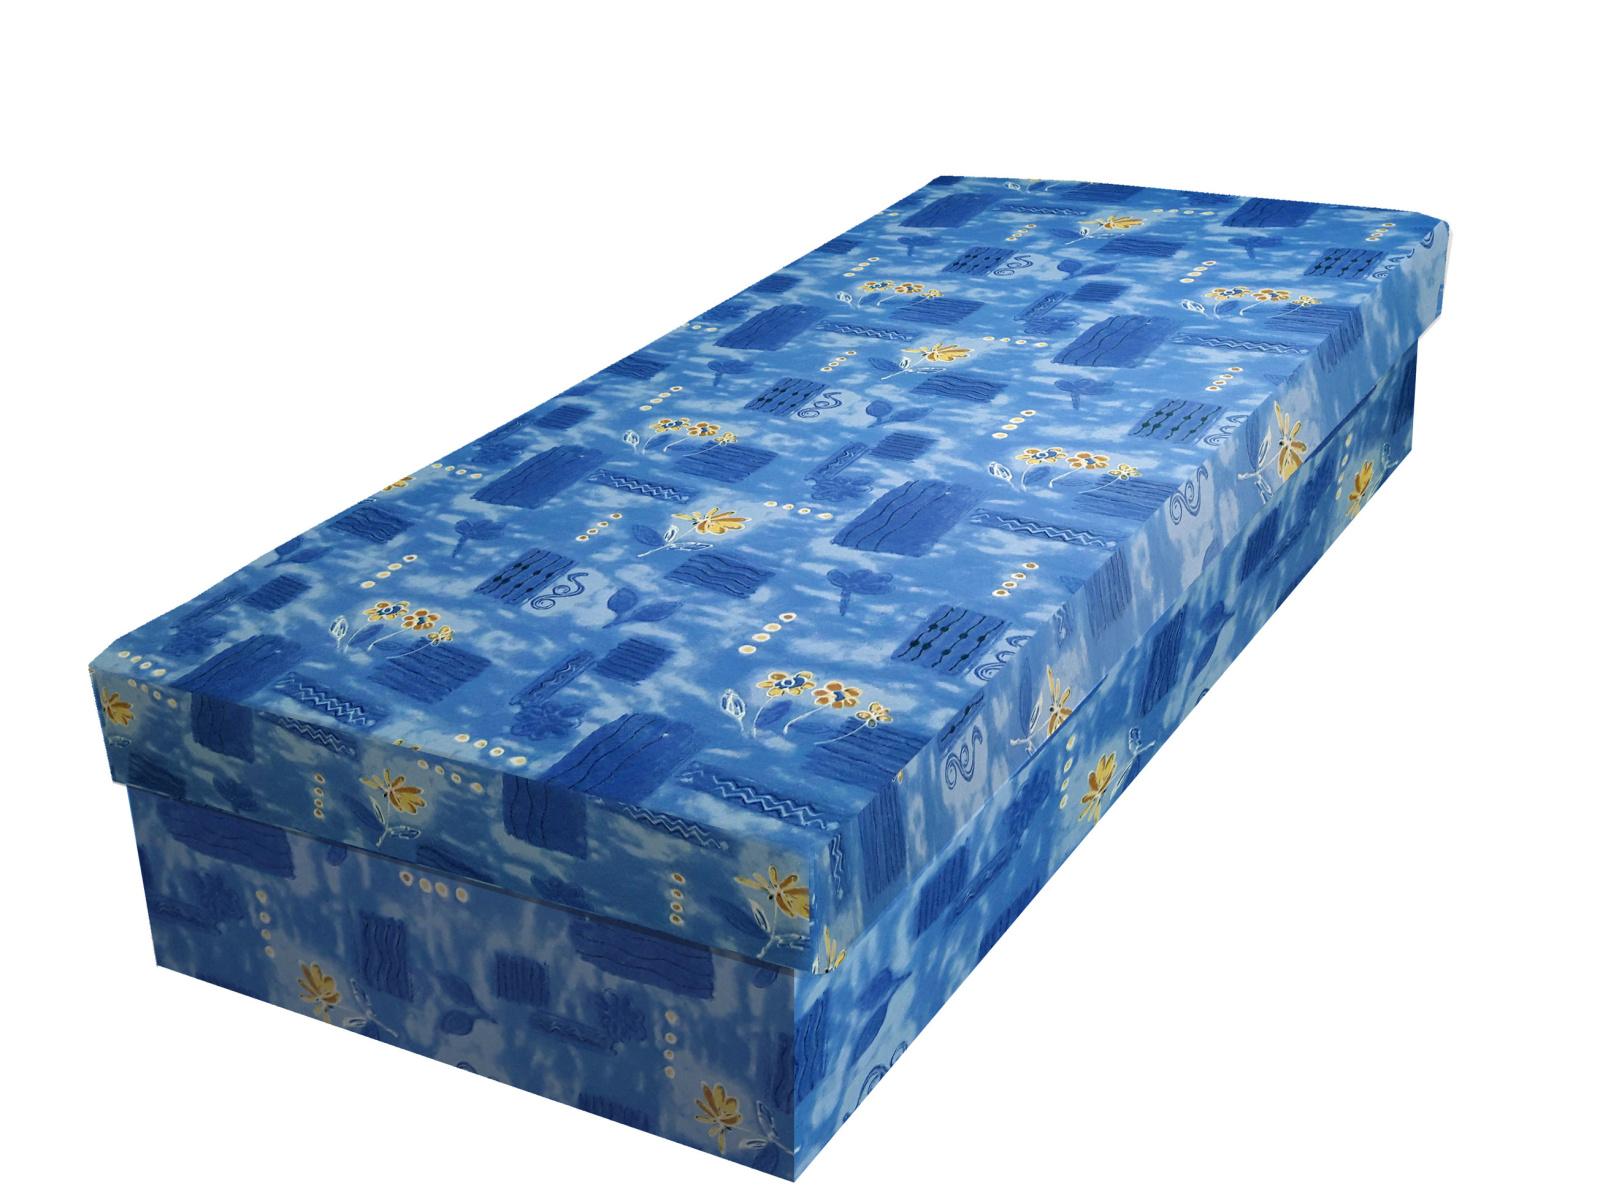 Smartshop Válenda IVAN 140x200 cm, modrá látka